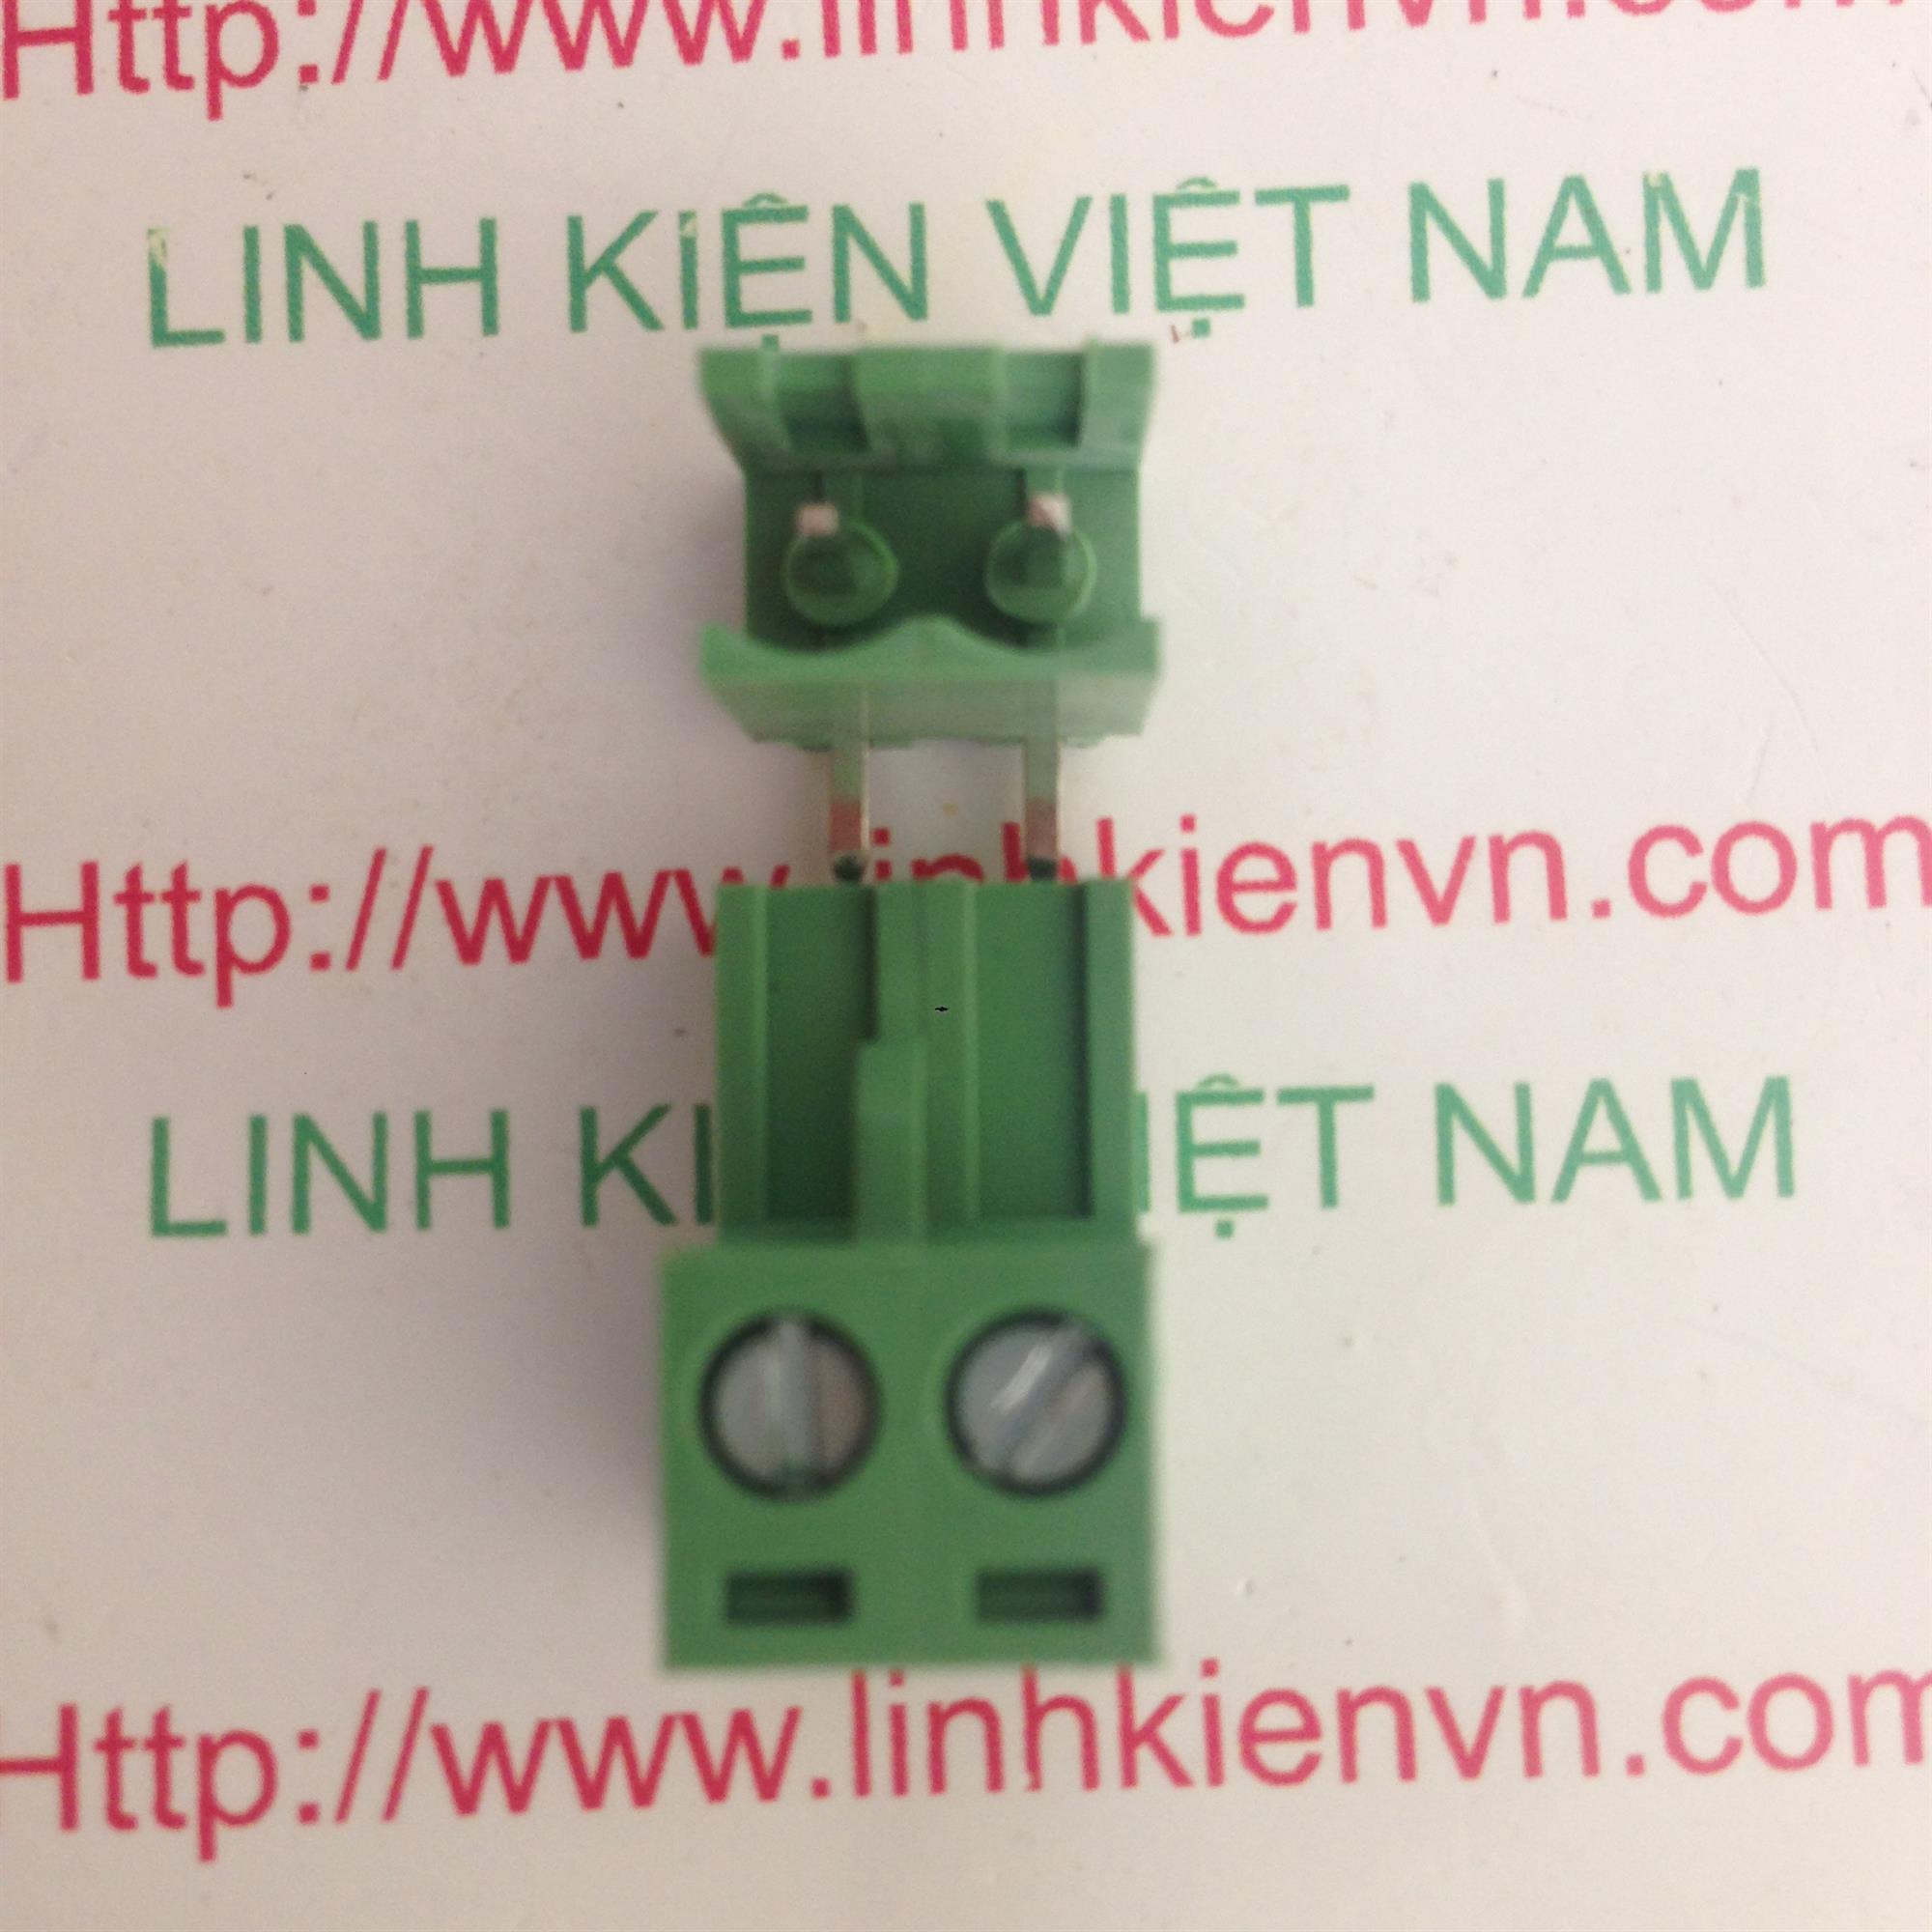 Cầu đấu 2 5.08mm EDG5.08-2P CONG - D7H8